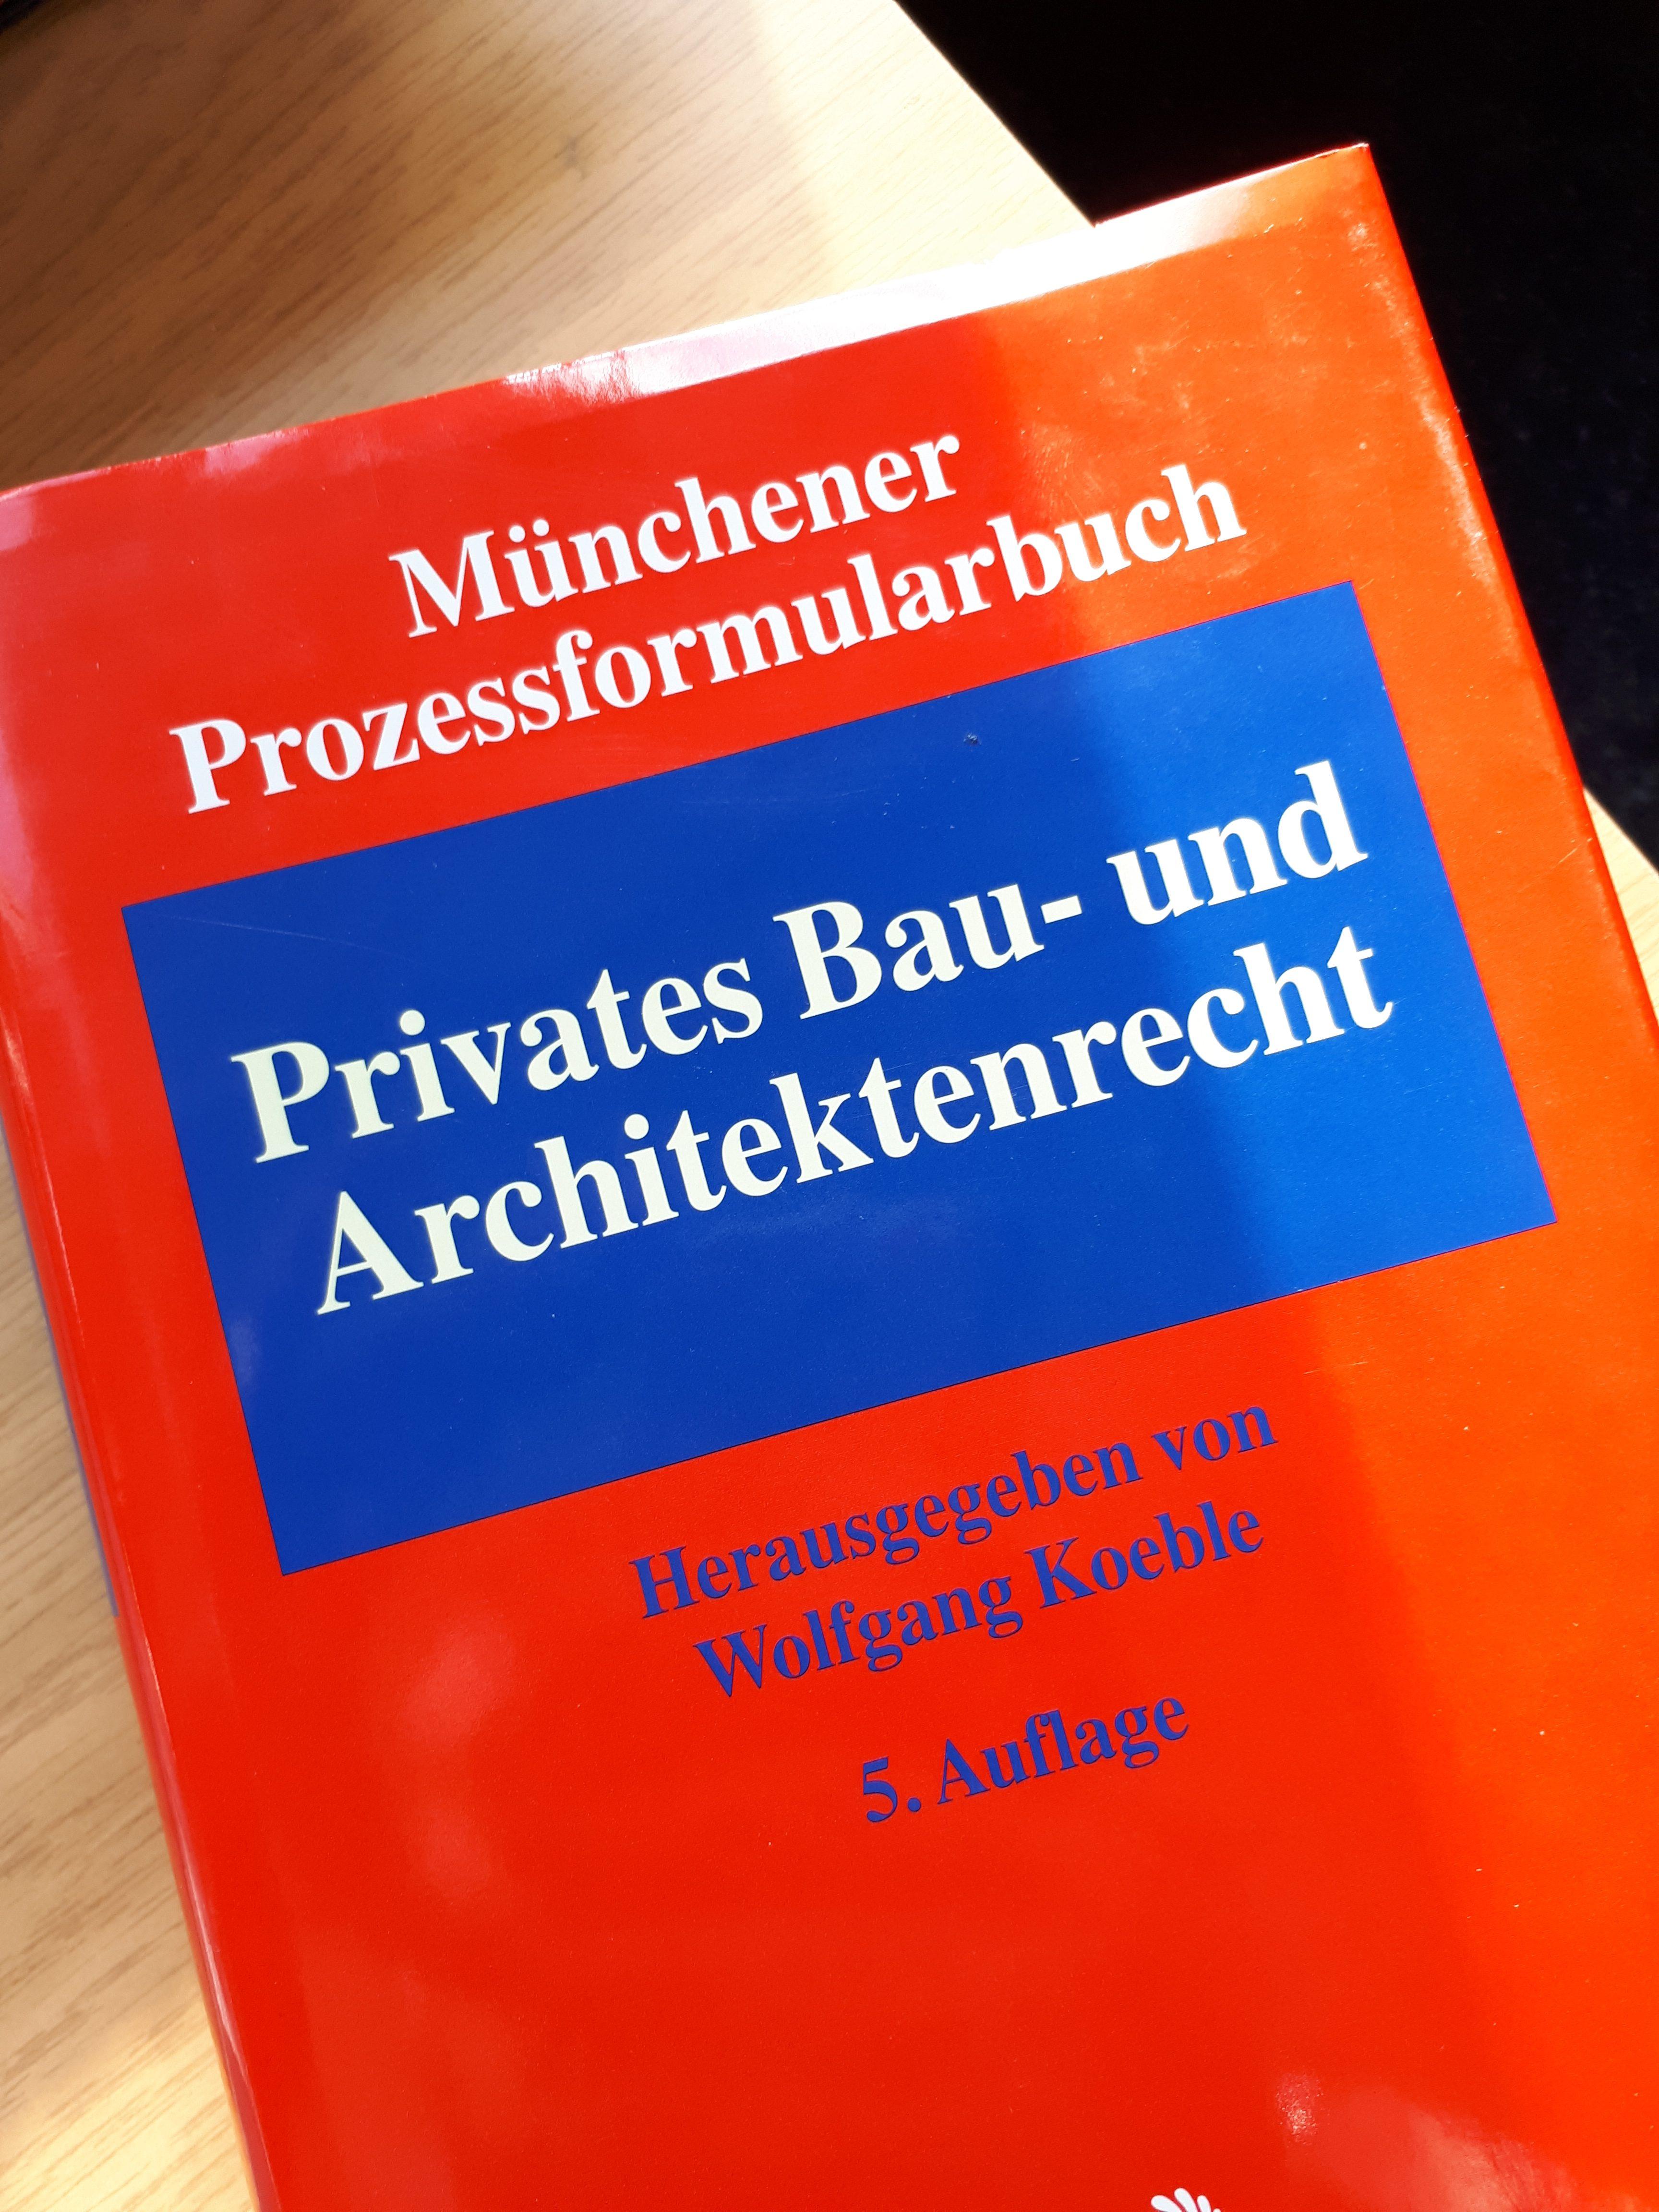 Rechtsanwalt In Leipzig Für Baurecht, Architektenrecht Und Vertragsrecht